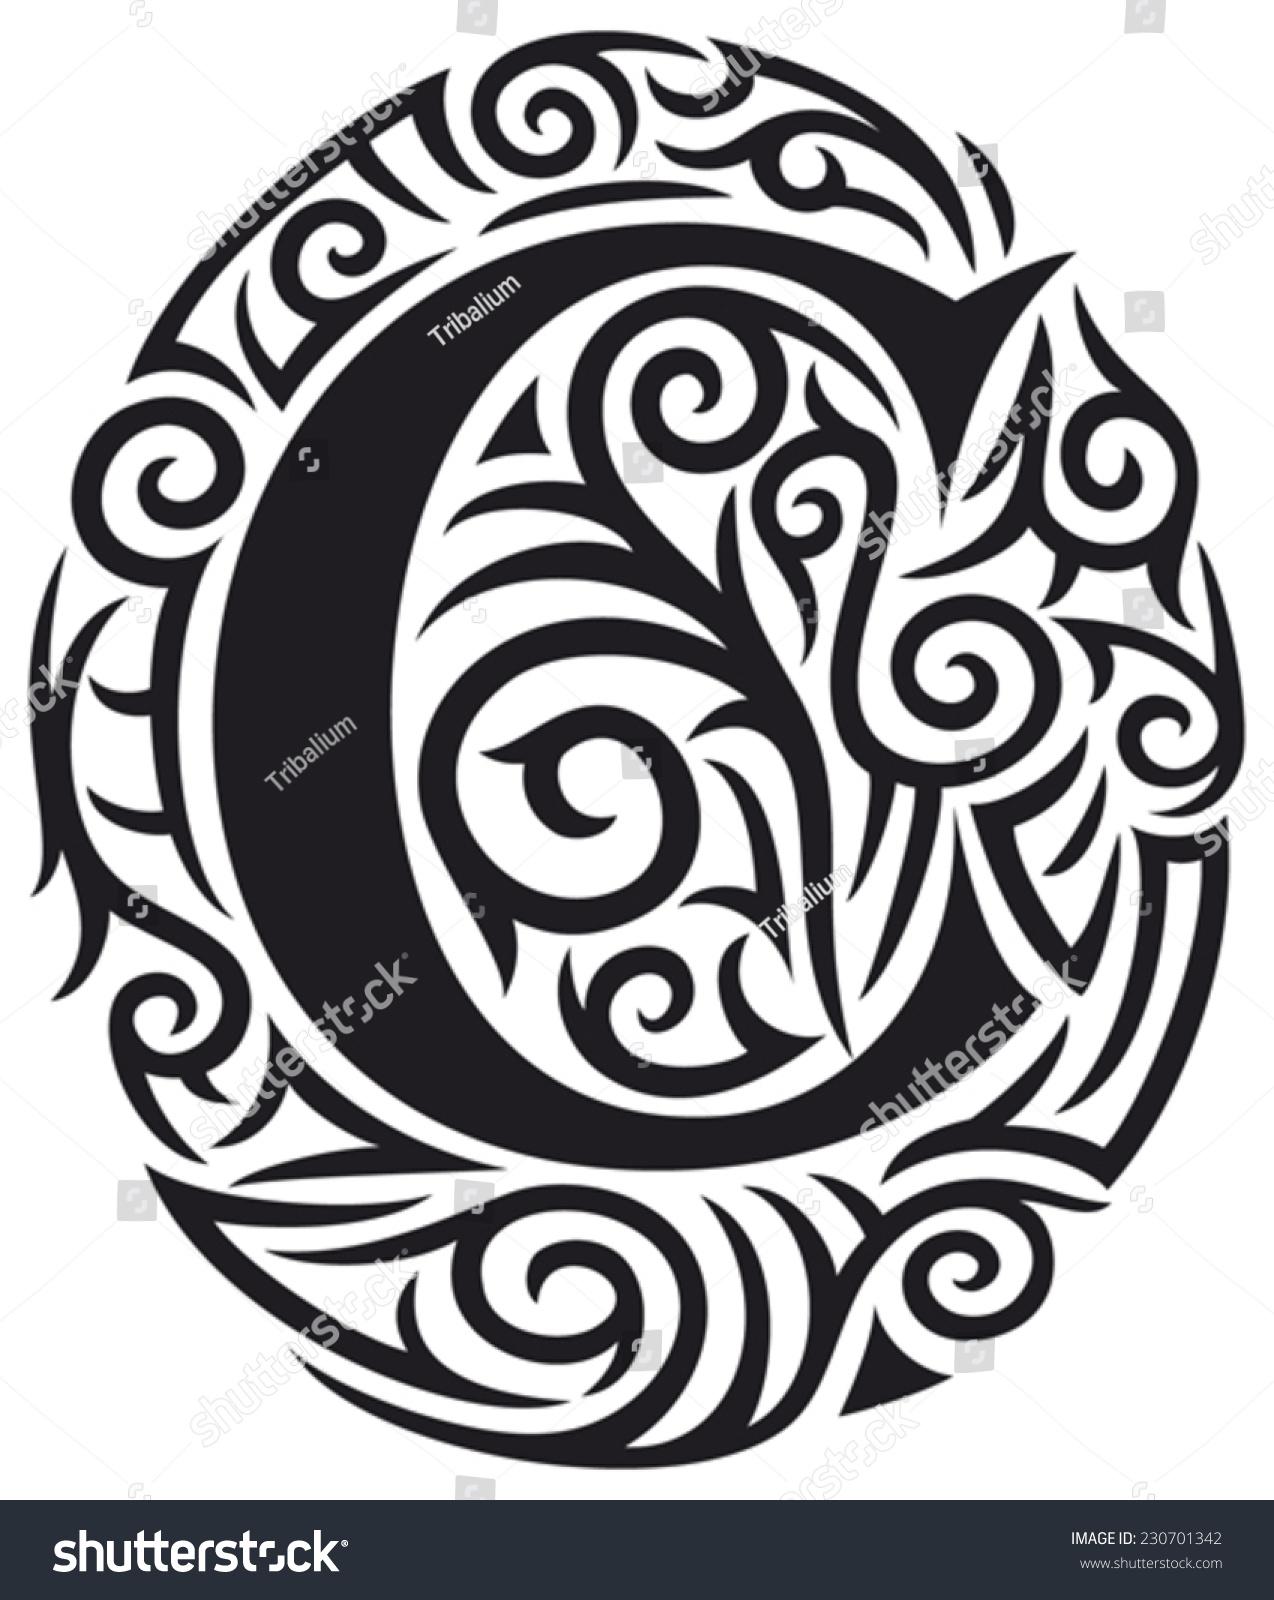 Letter C Tattoo Tribal Design Stock Vector 230701342 ...